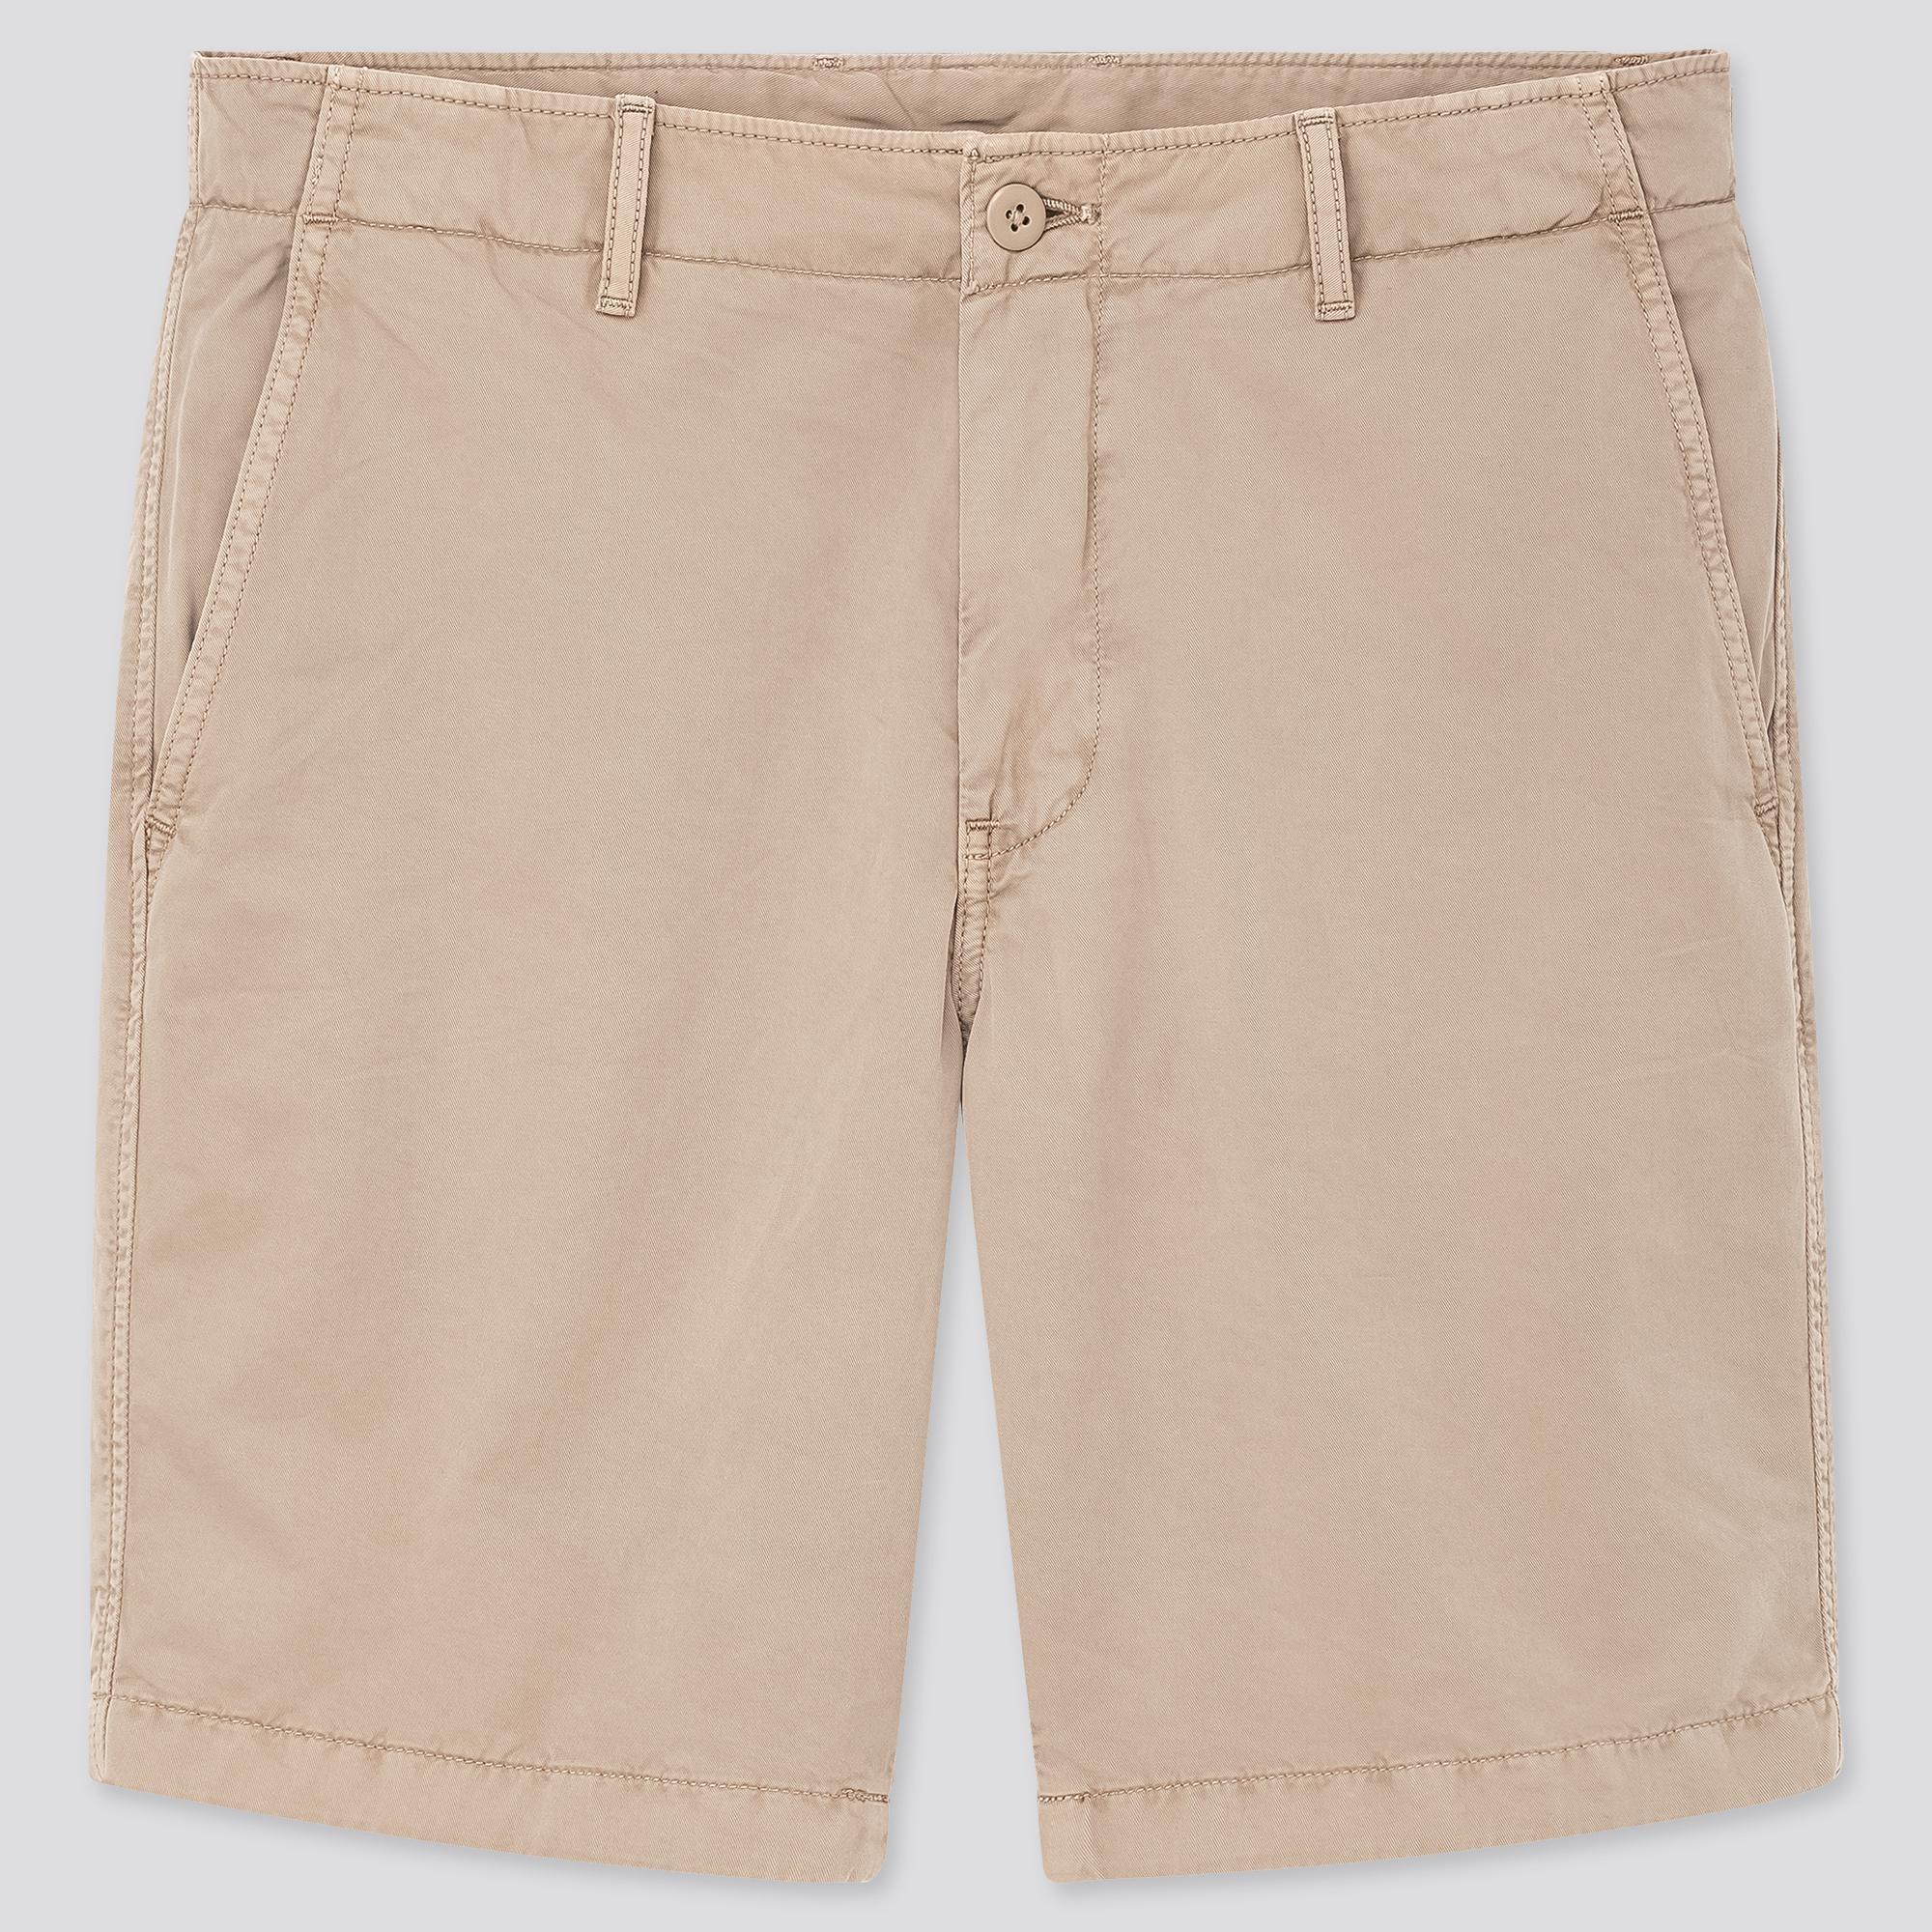 uniqlo men chino shorts